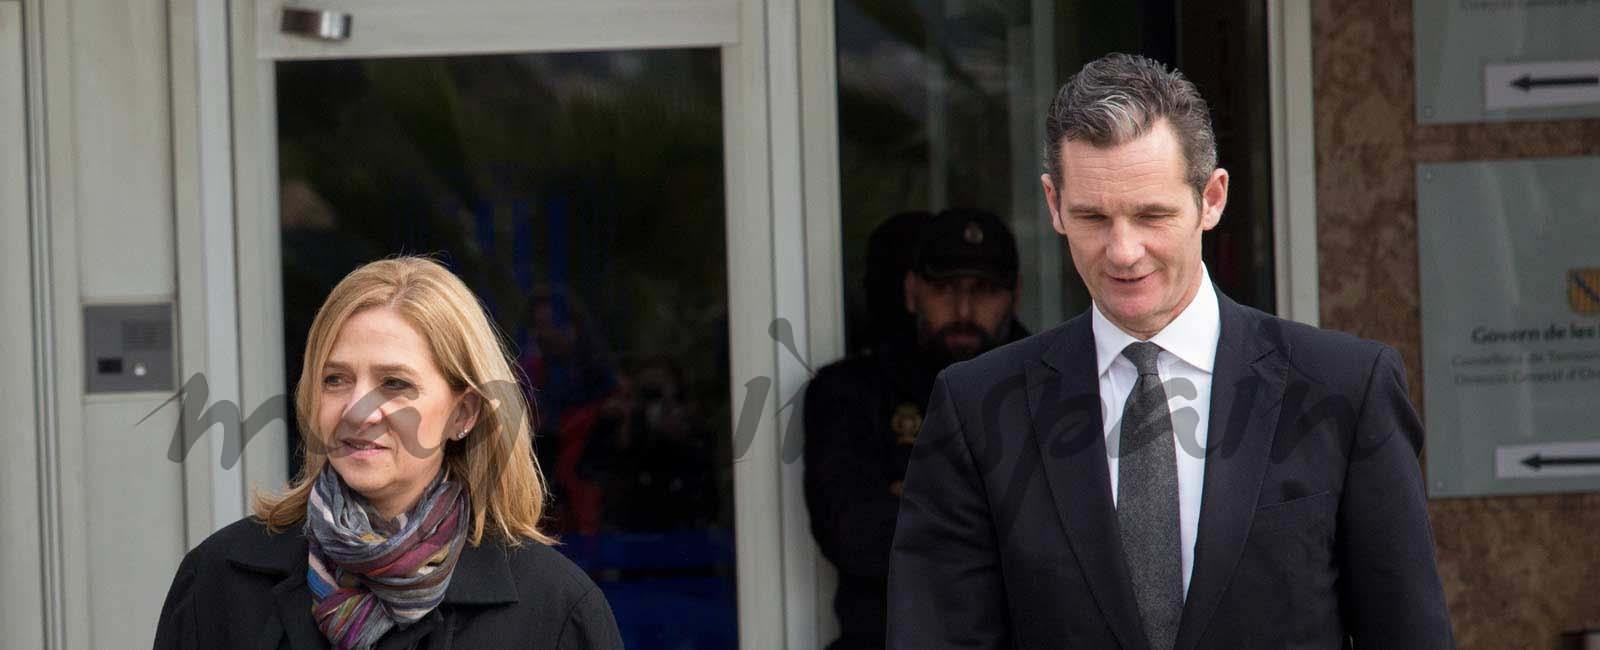 La infanta Cristina absuelta e Iñaki Urdangarín 6 años y 3 meses de cárcel